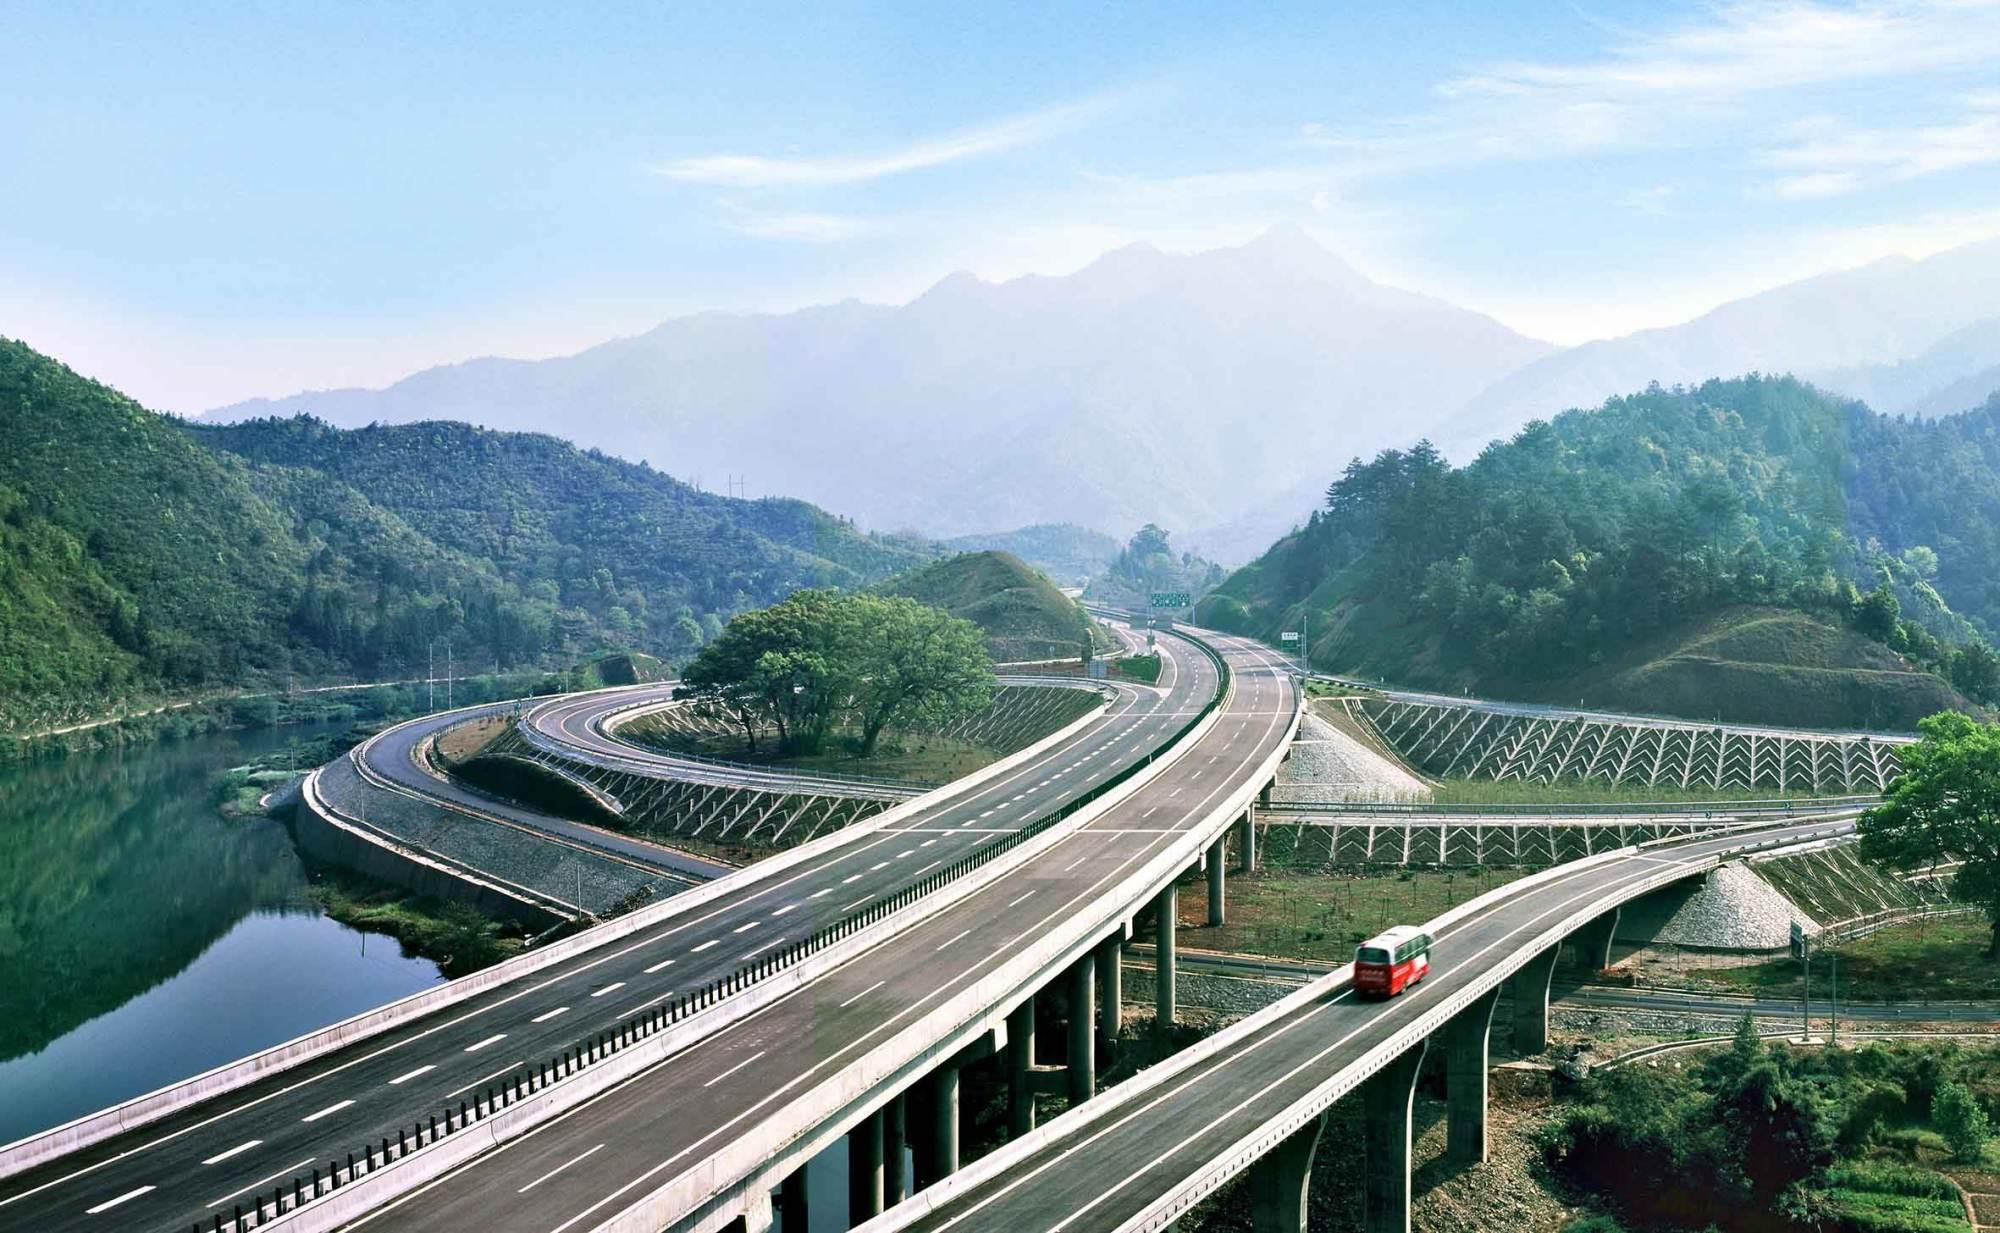 广东在建一条高速公路,双向6车道,长56.13公里,预计2020年通车